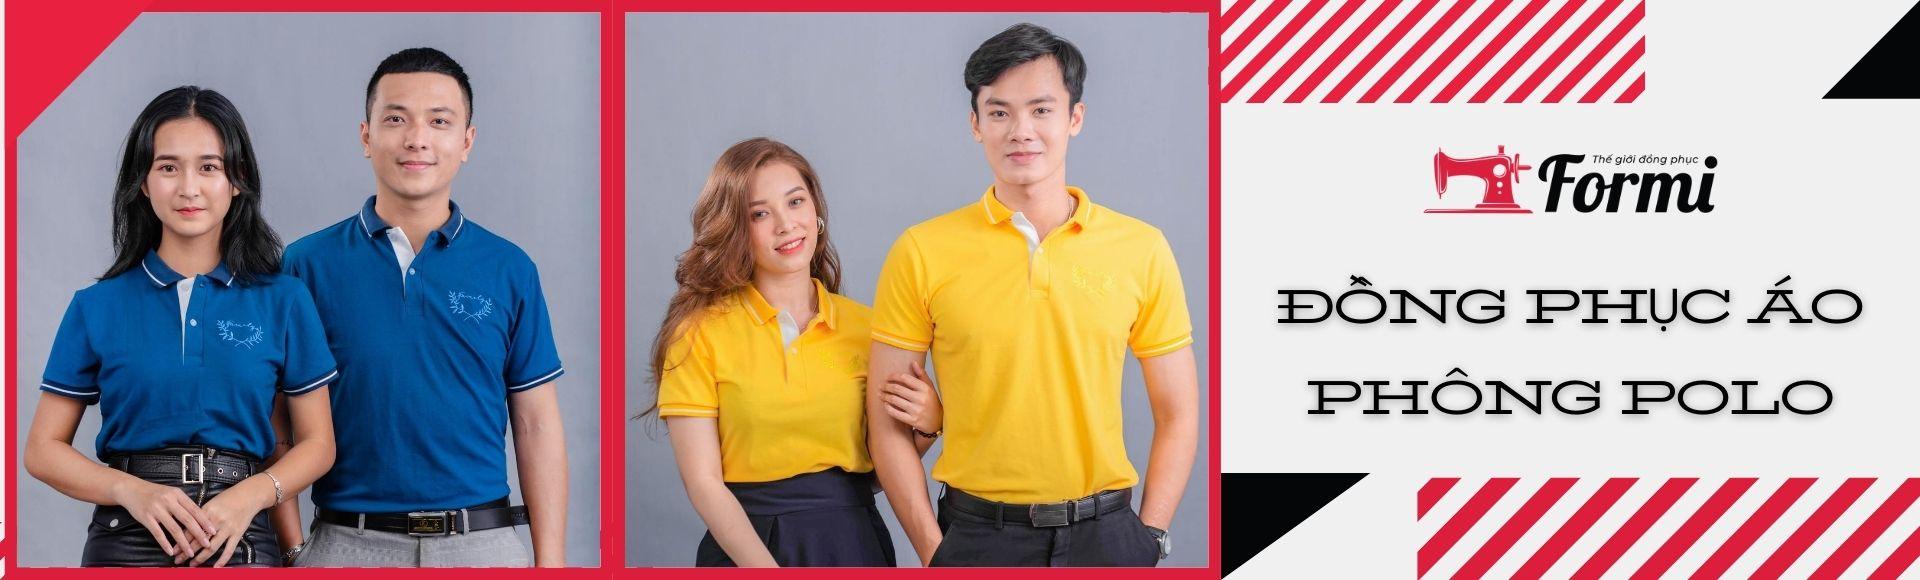 Đồng phục áo phông polo